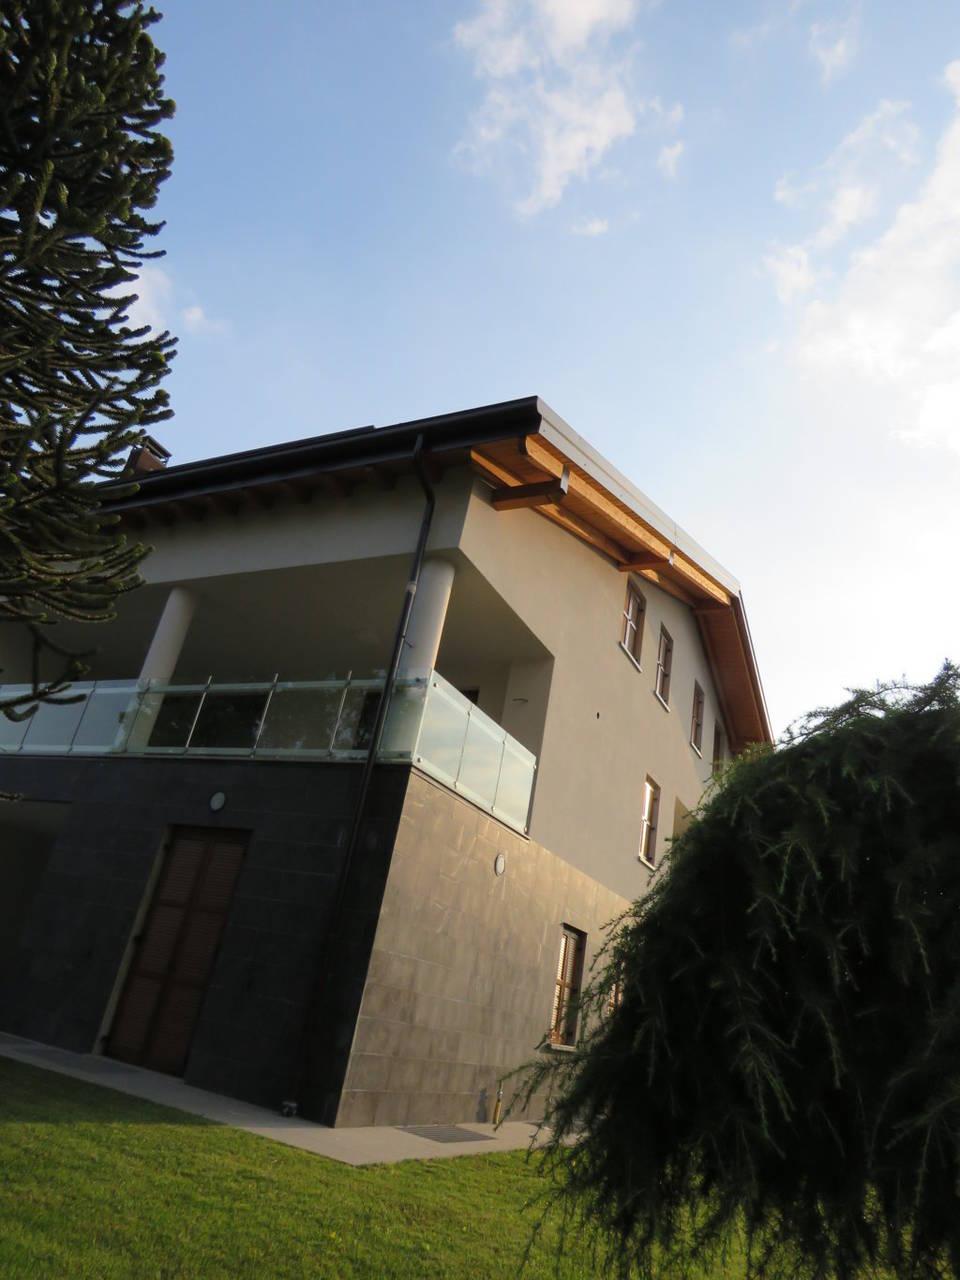 4-locali-con-terrazzo-in-vendita-a-Burago-di-Molgora-Brianza-19